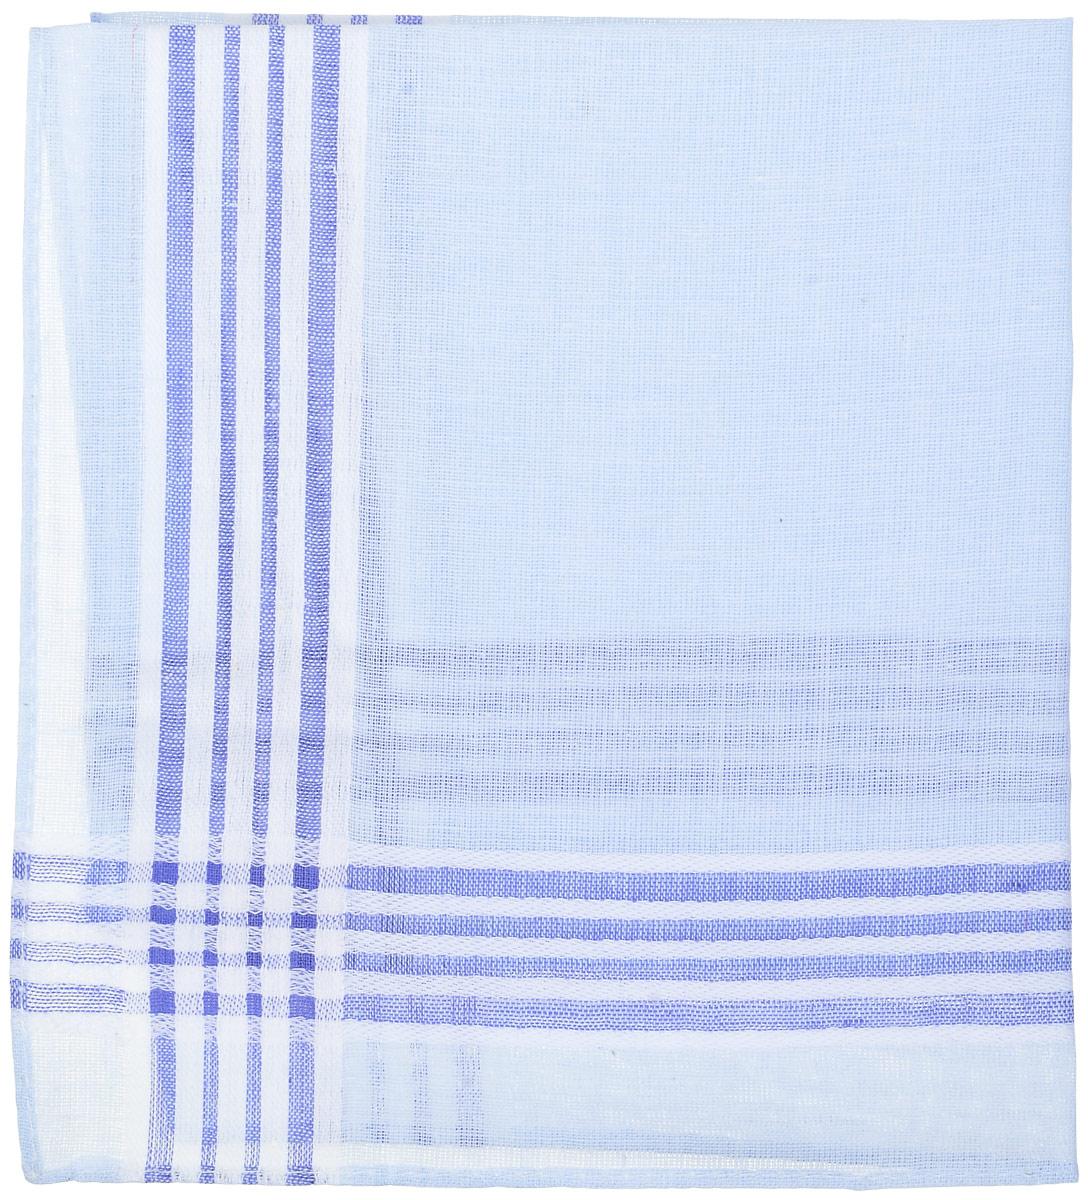 Носовой платок женский Zlata Korunka, цвет: голубой, белый. Размер 27 х 27 см45471_голубой, белый в полоскуНосовой платок женский Zlata Korunka, цвет: голубой, белый. Размер 27 х 27 см